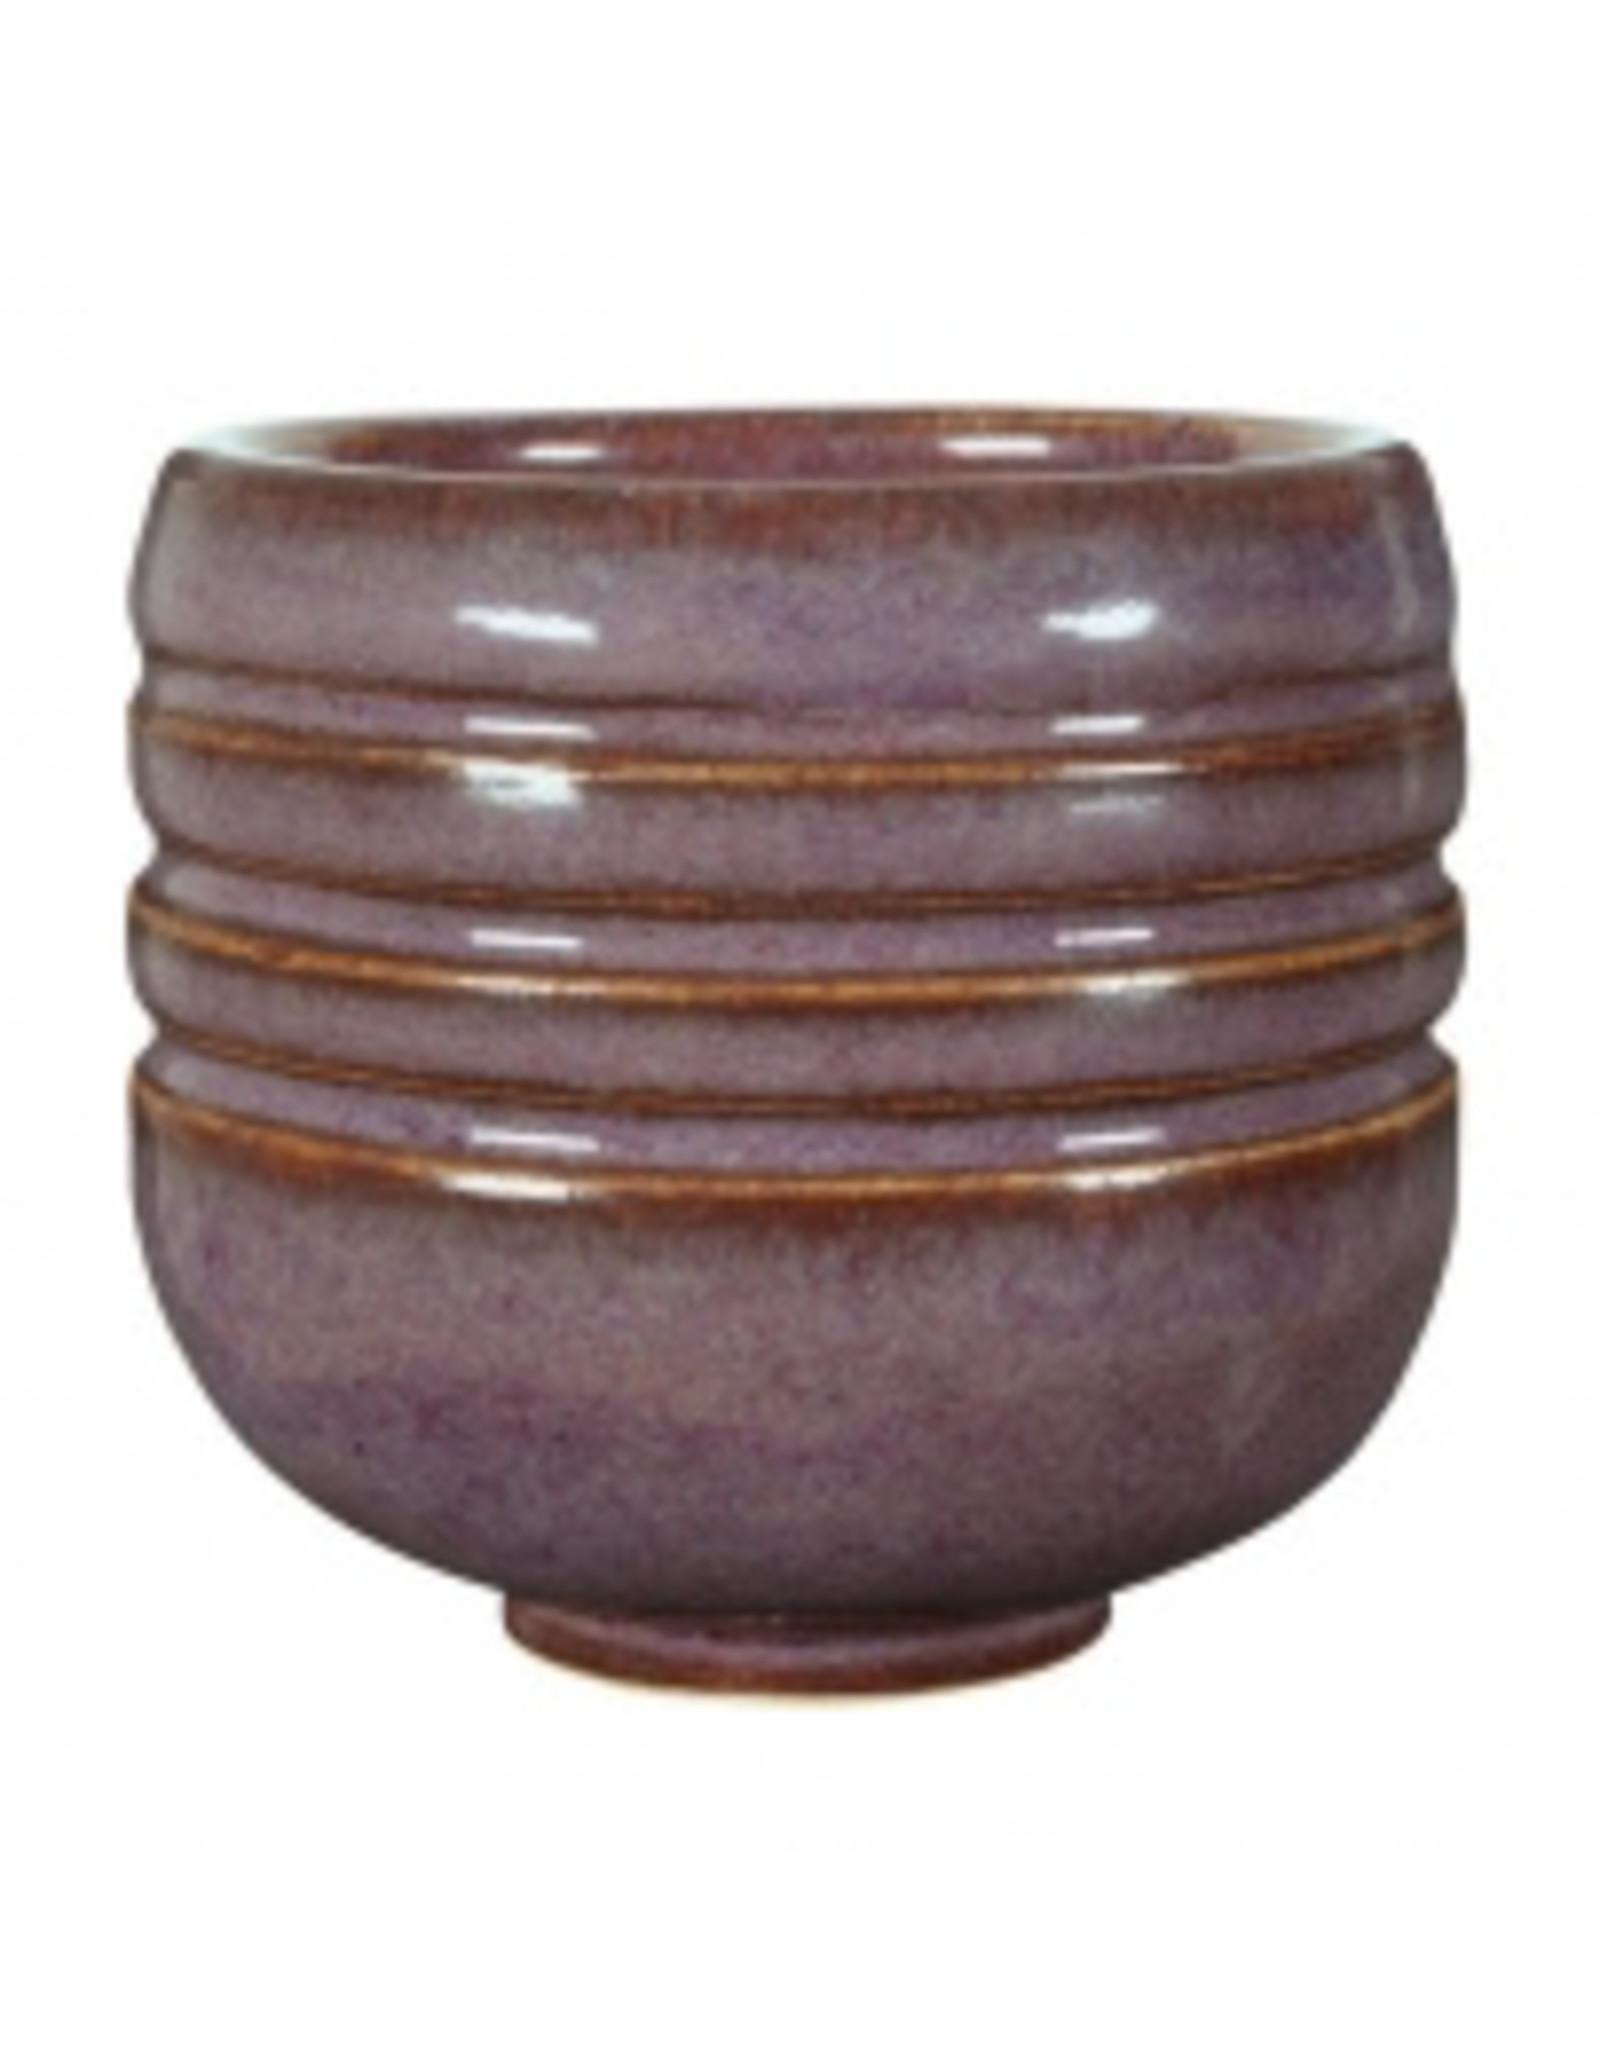 Smokey Merlot AMACO Potters Choice Brush-on Stoneware Glaze 473ML 1180˚C - 1240˚C